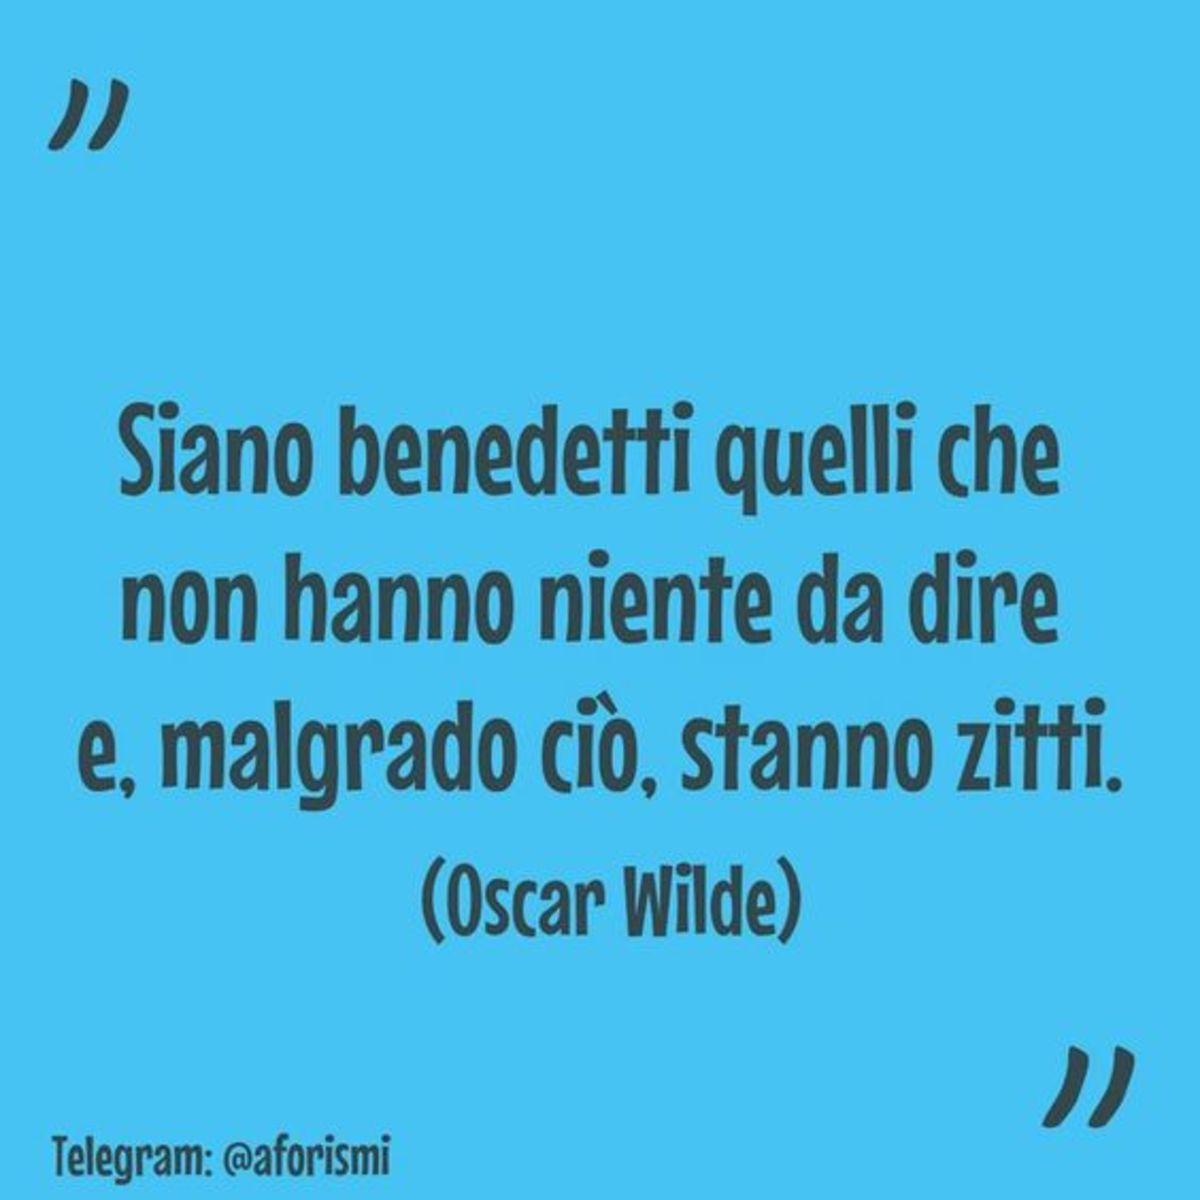 """""""Siano benedetti quelli che non hanno niente da dire e, malgrado ci, stanno zitti."""" Oscar Wilde"""